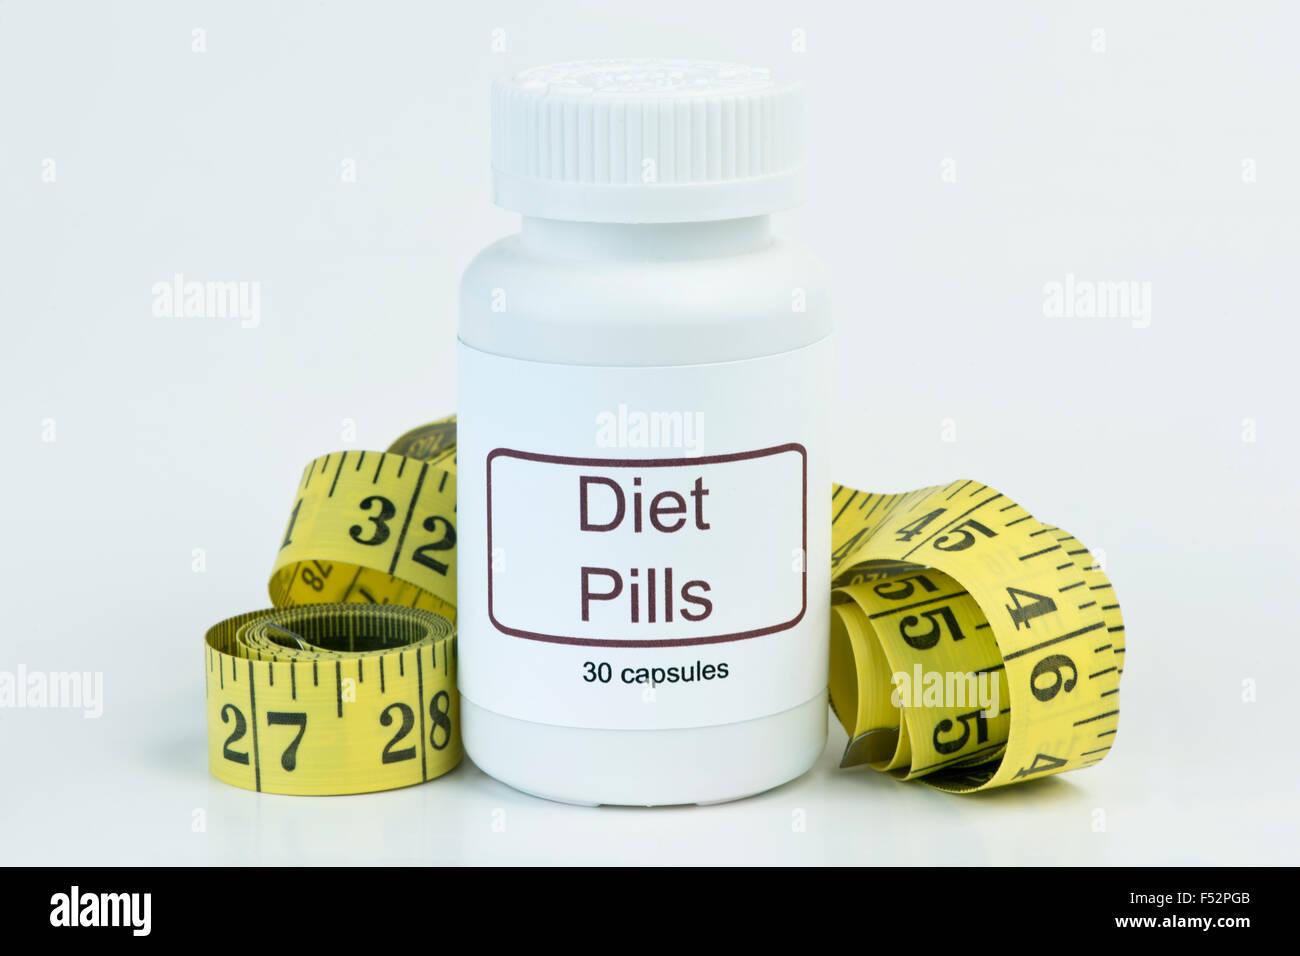 Container Von Diat Pillen Mit Gelben Massband Stockfoto Bild